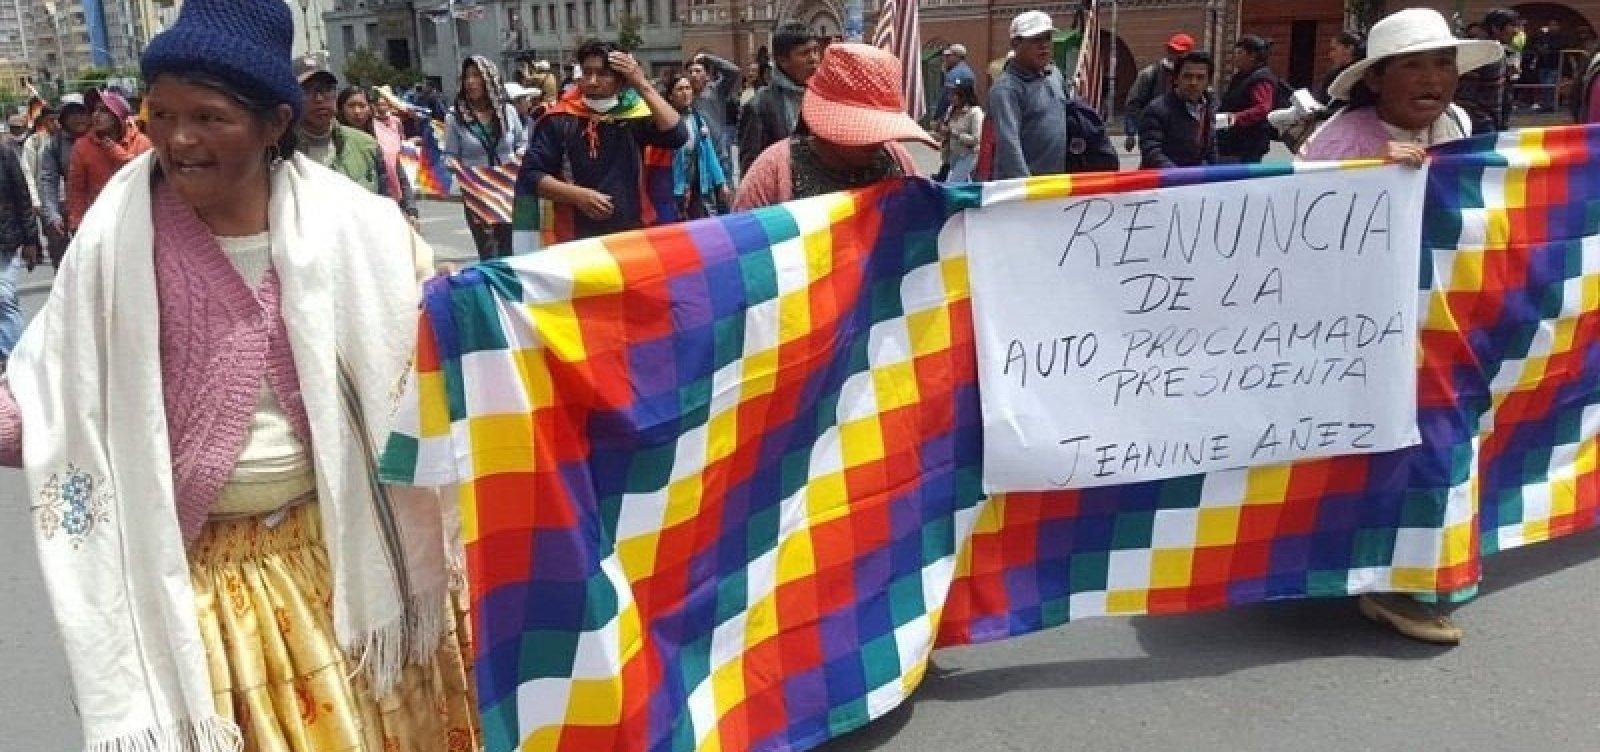 [Cinco pessoas morrem em confronto entre policiais e manifestantes na Bolívia]